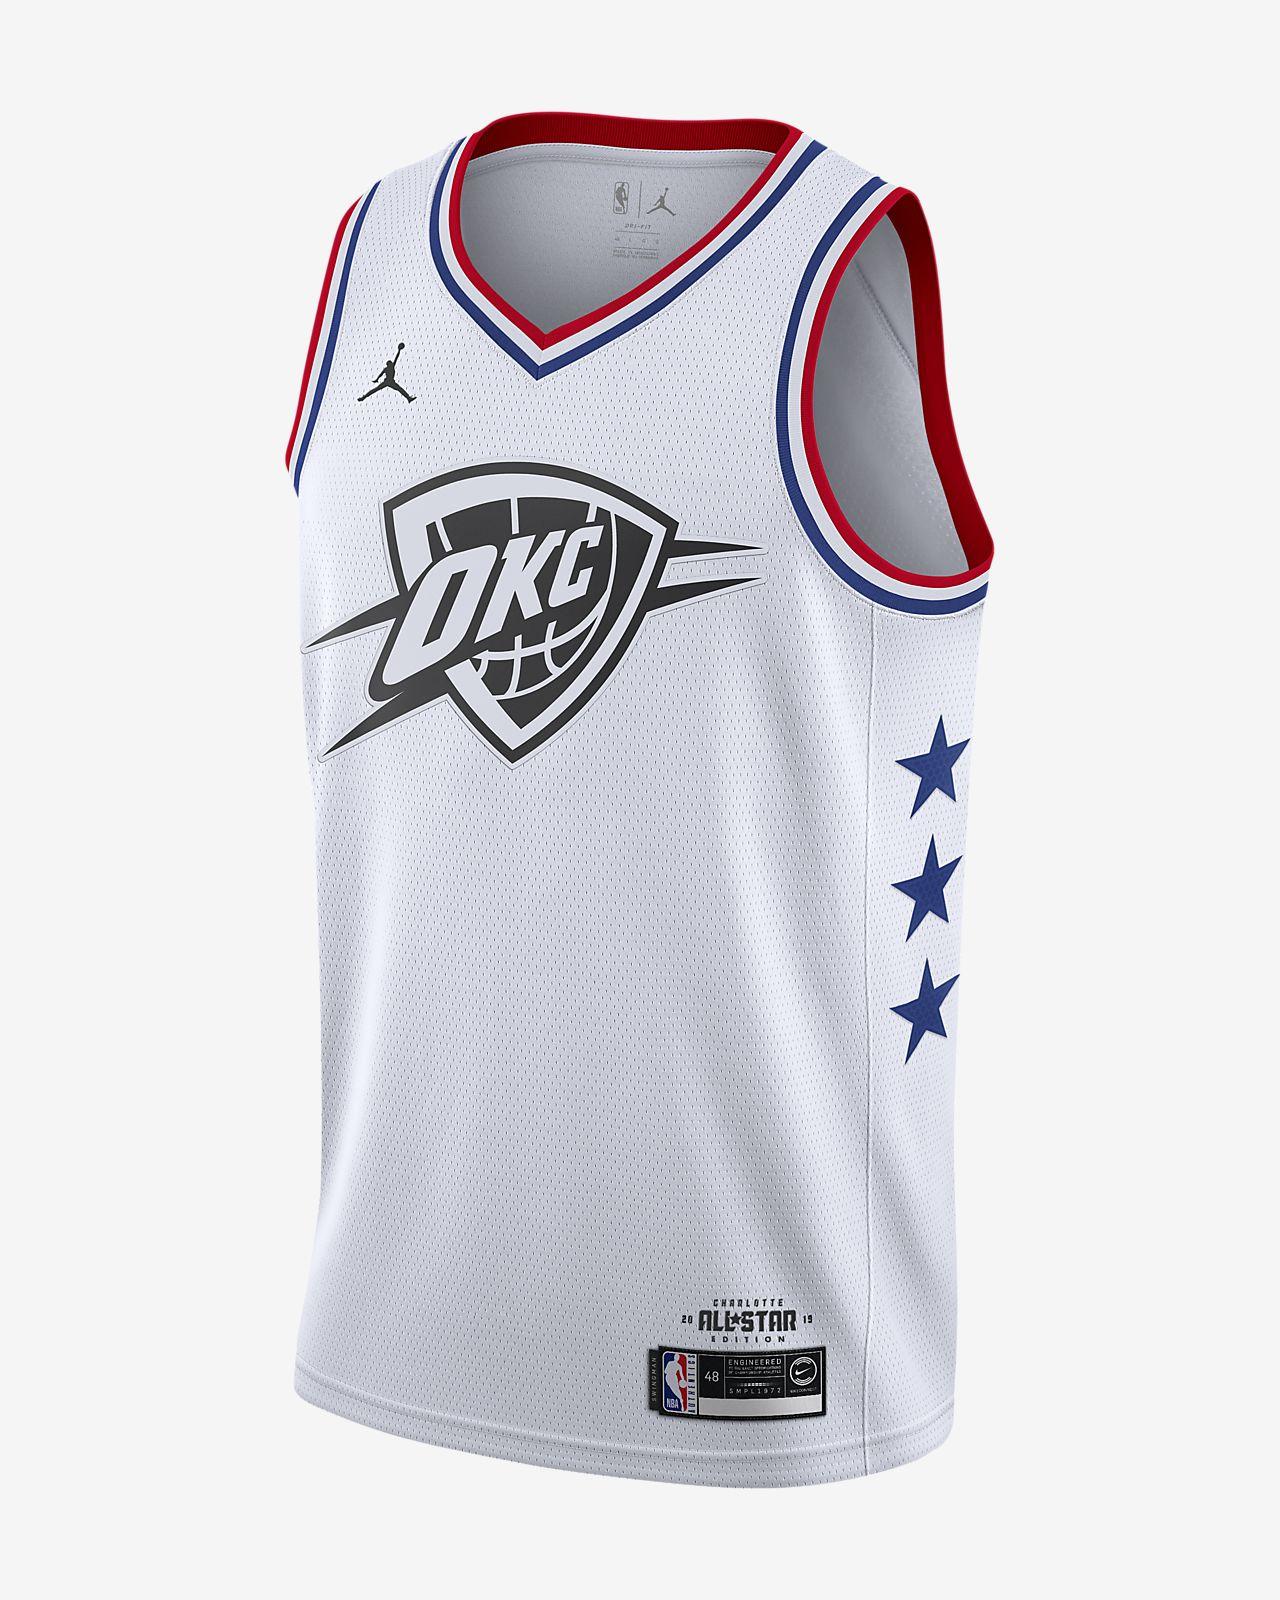 ラッセル ウェストブルック オールスター エディション スウィングマン メンズ ジョーダン NBA コネクテッド ジャージー